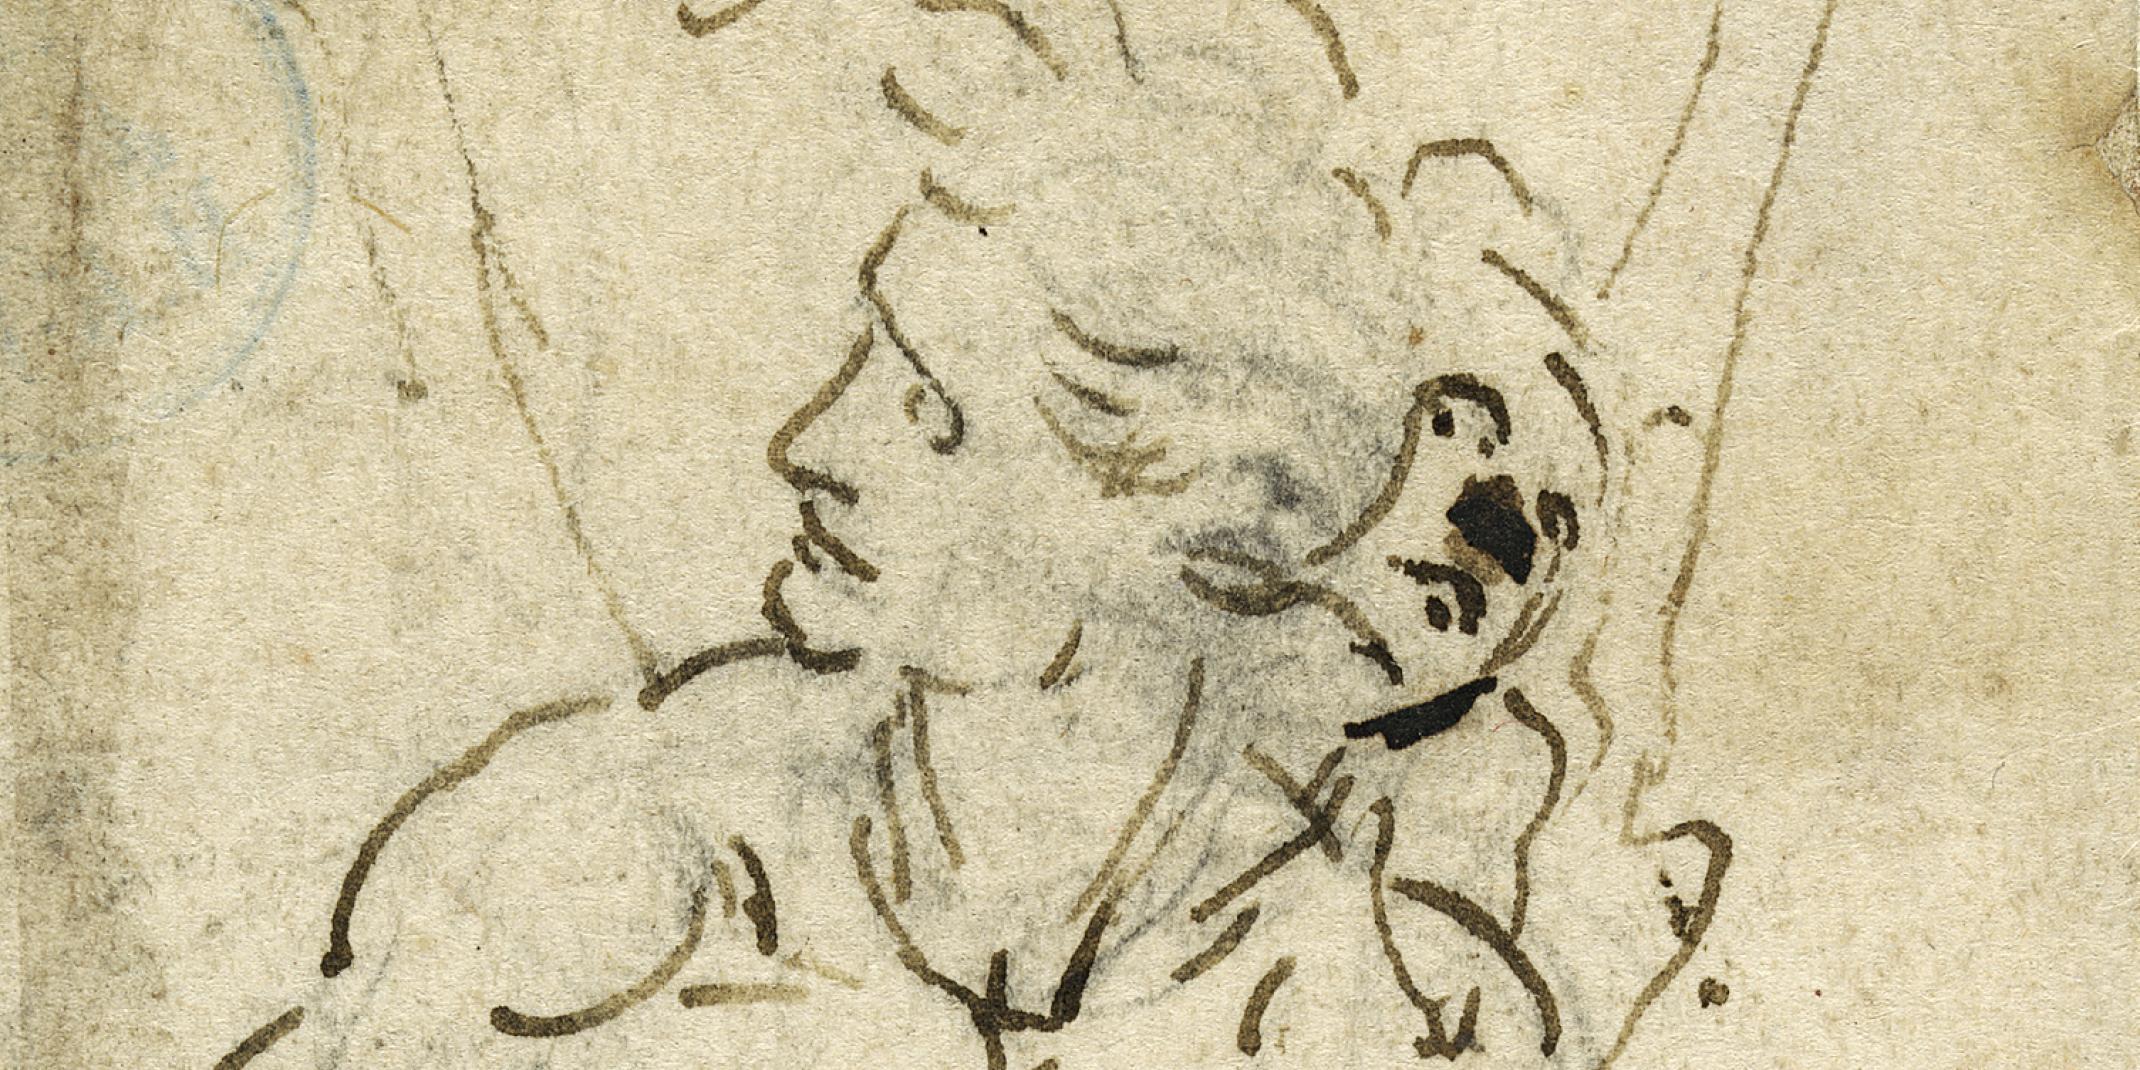 Detail: Leonardo da Vinci (1452–1519) Hl. Sebastian, um 1478-1483 Feder in Braun über Kohle, 173 x 63 mm Legat Georg Ernst Harzen, 1863 © Hamburger Kunsthalle, Kupferstichkabinett / bpk Foto: Christoph Irrgang